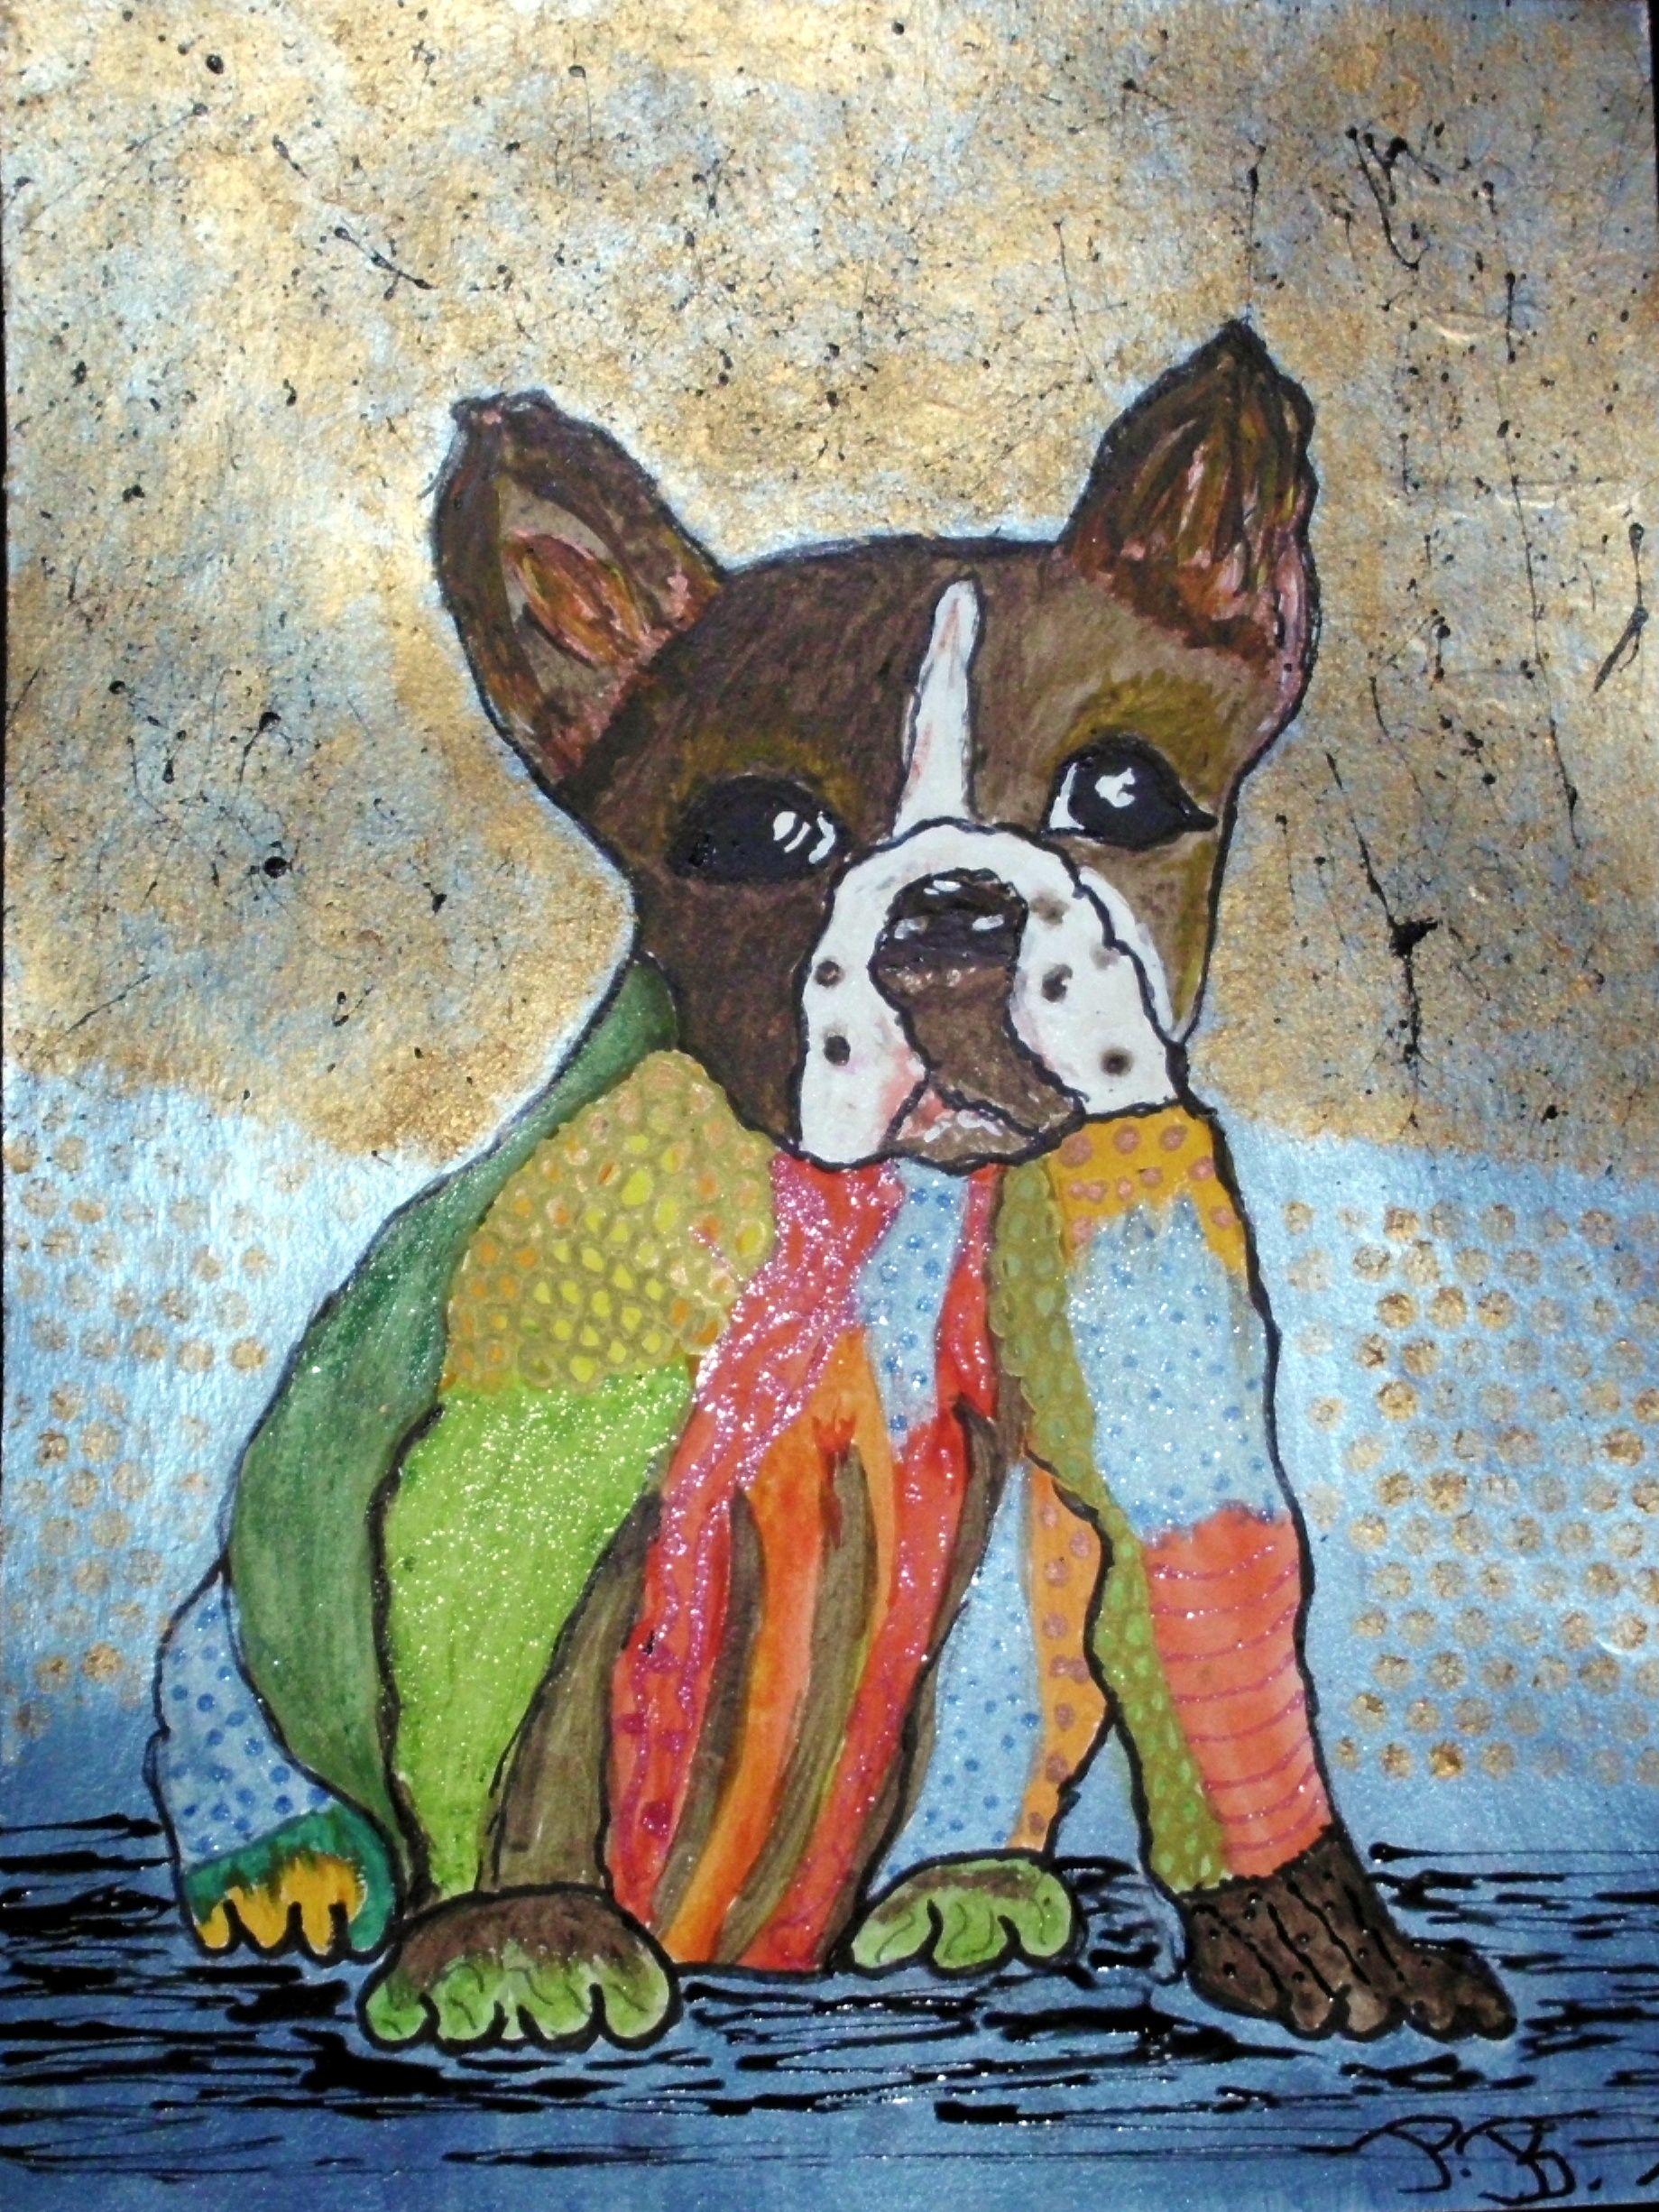 Aquarell mit Tusche Hundemotiv im Internet gefunden